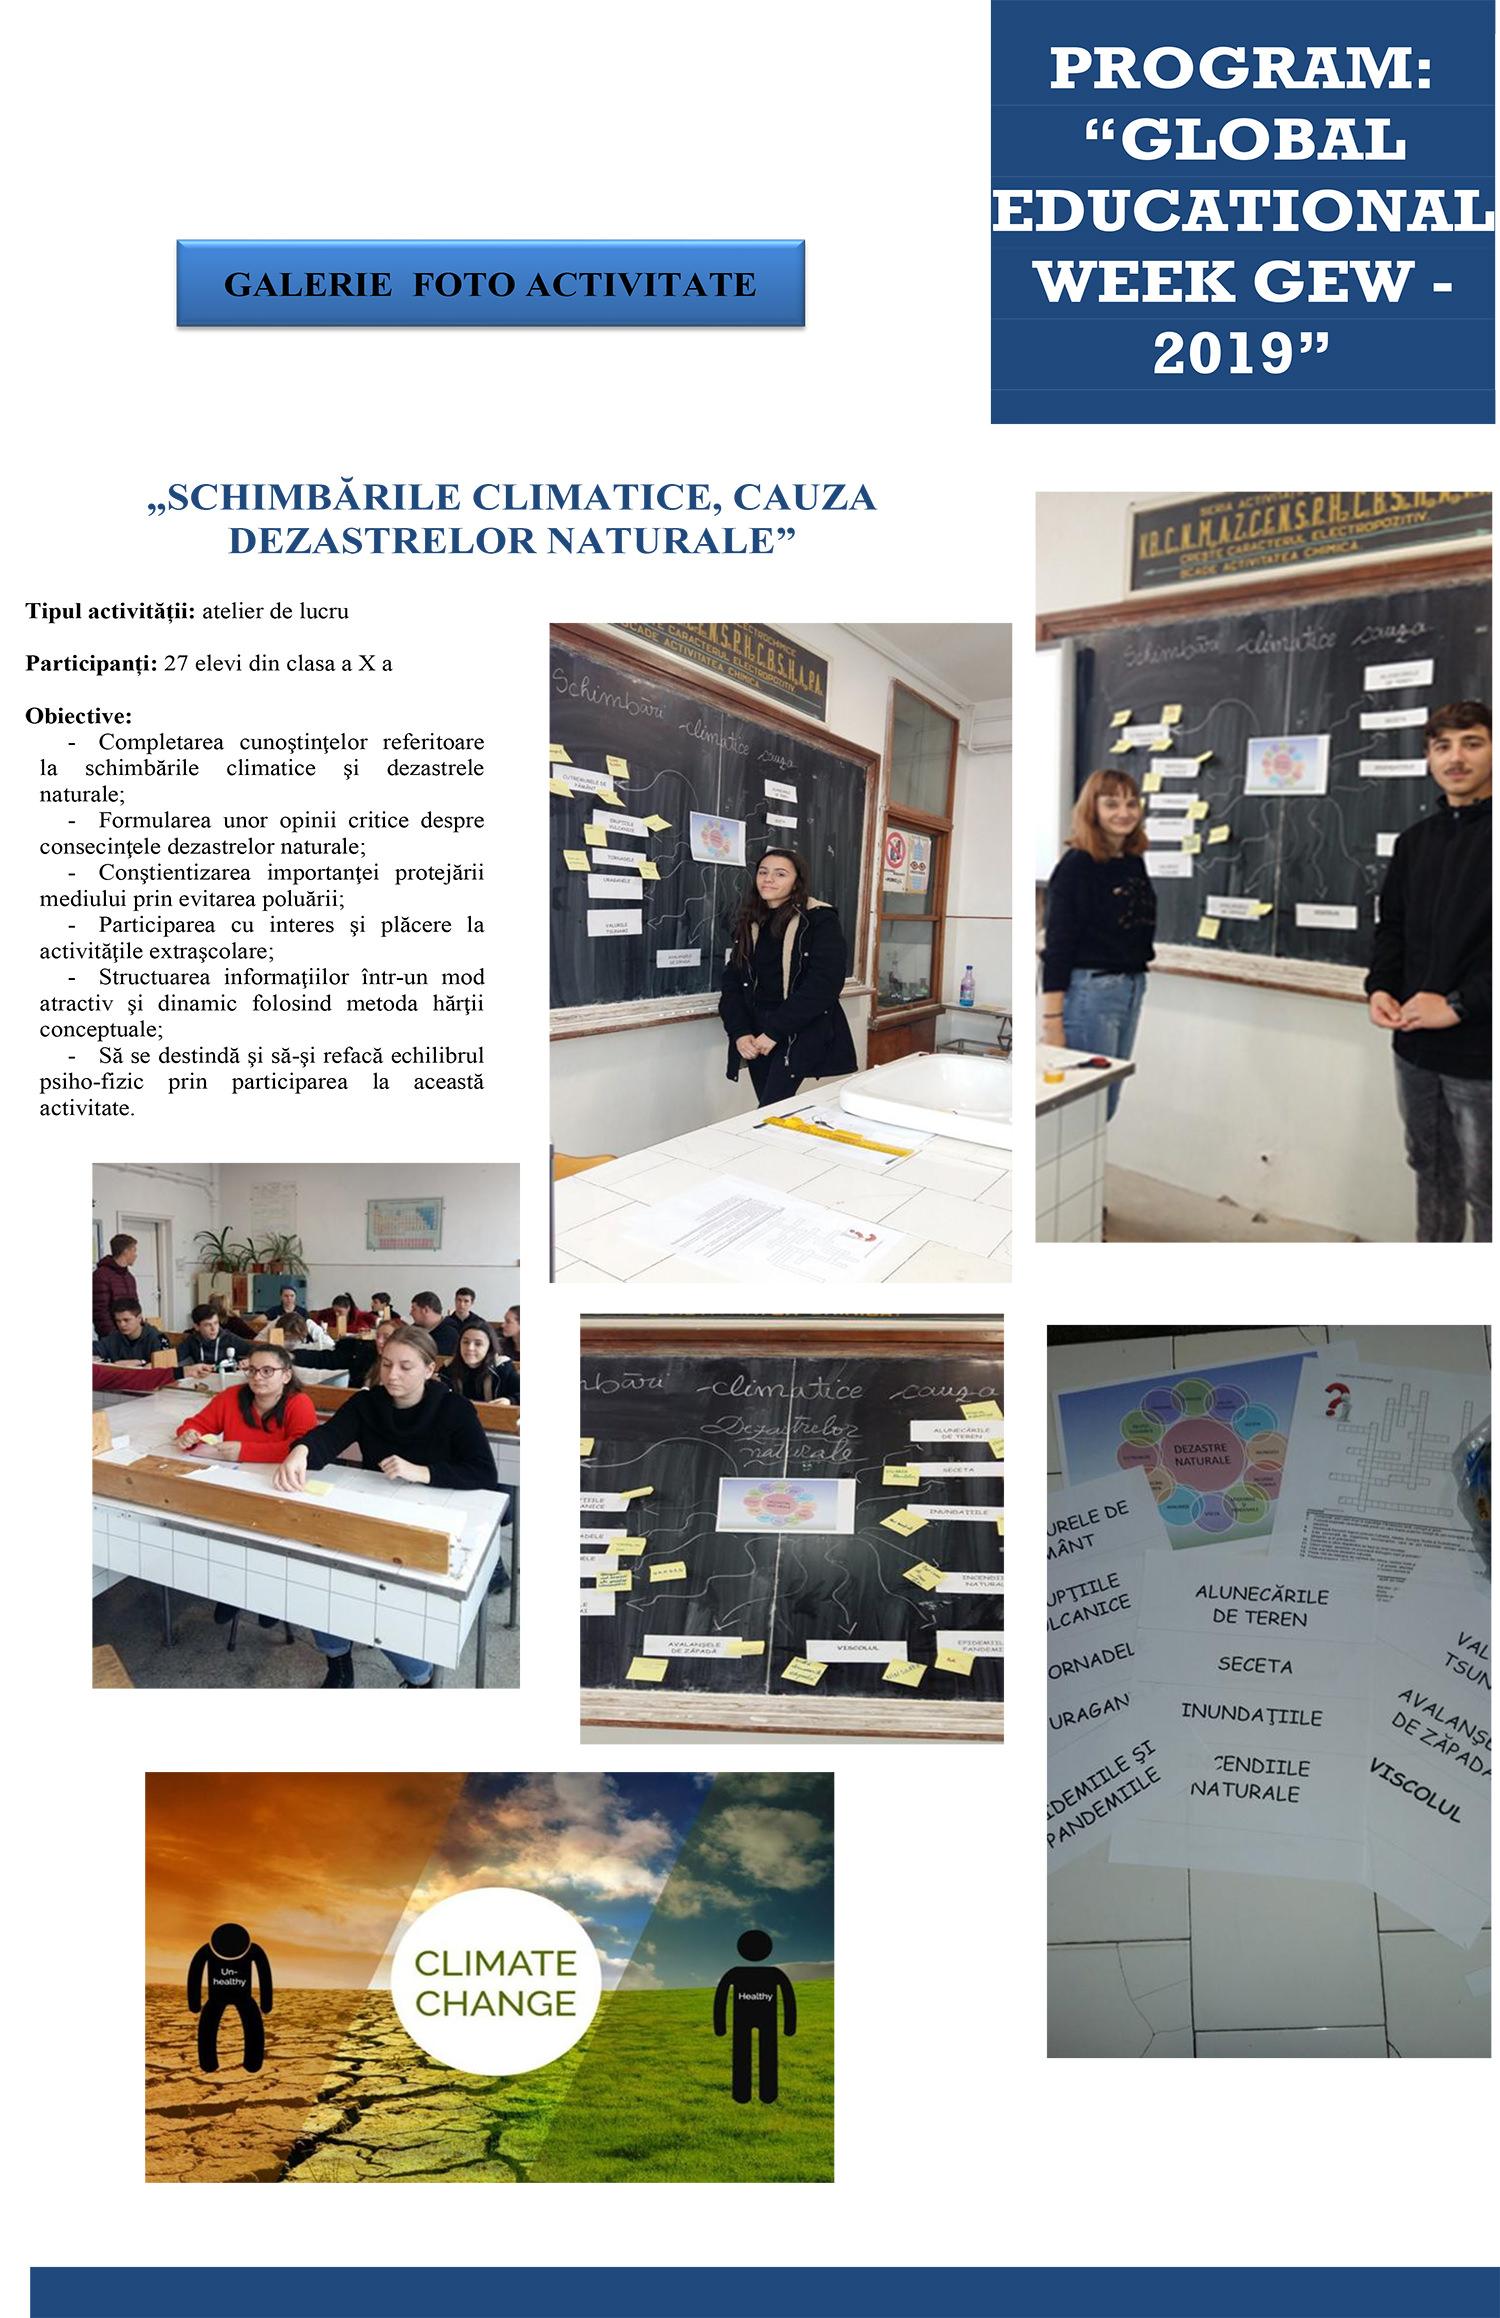 GLOBAL EDUCATIONAL WEEK GEW